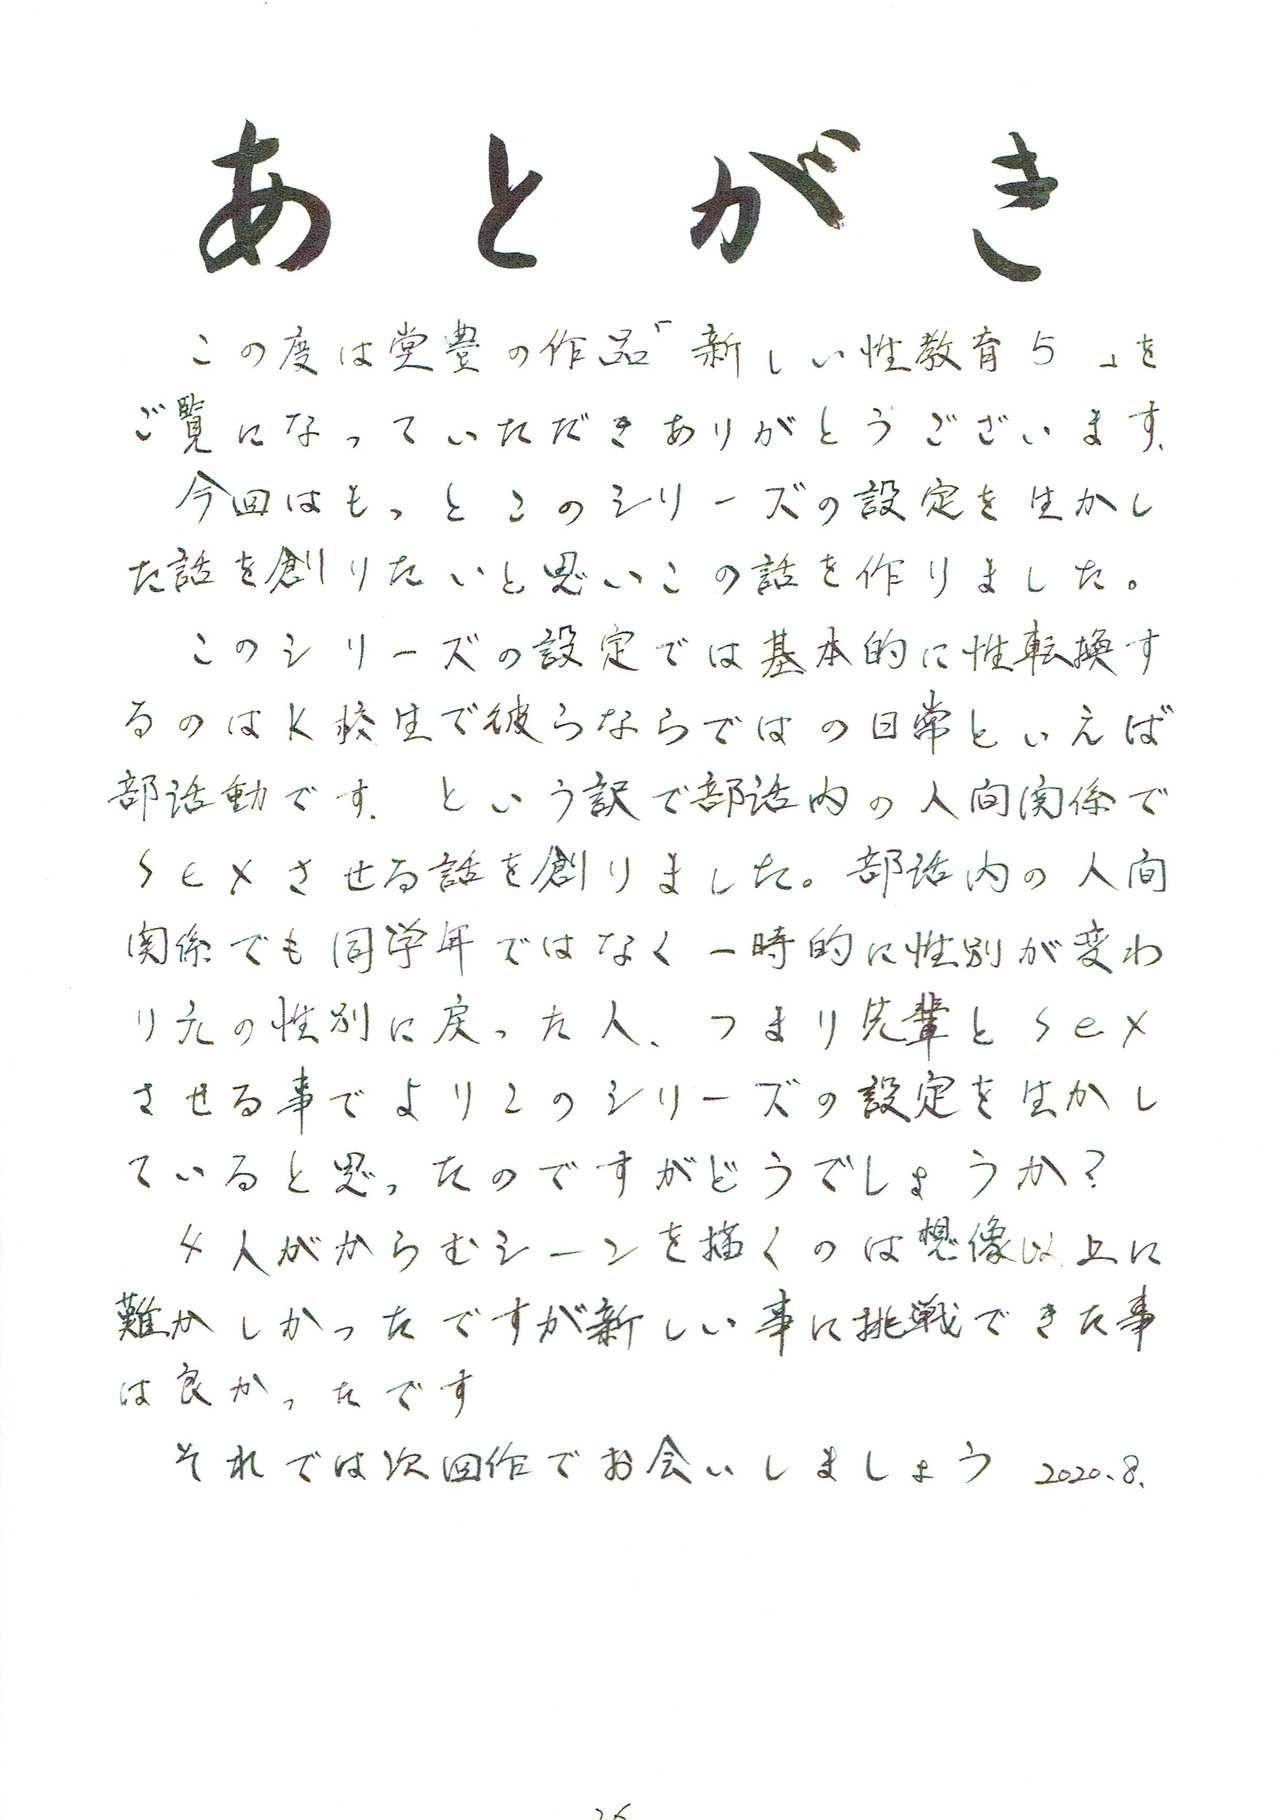 Atarashii Seikyouiku5 26